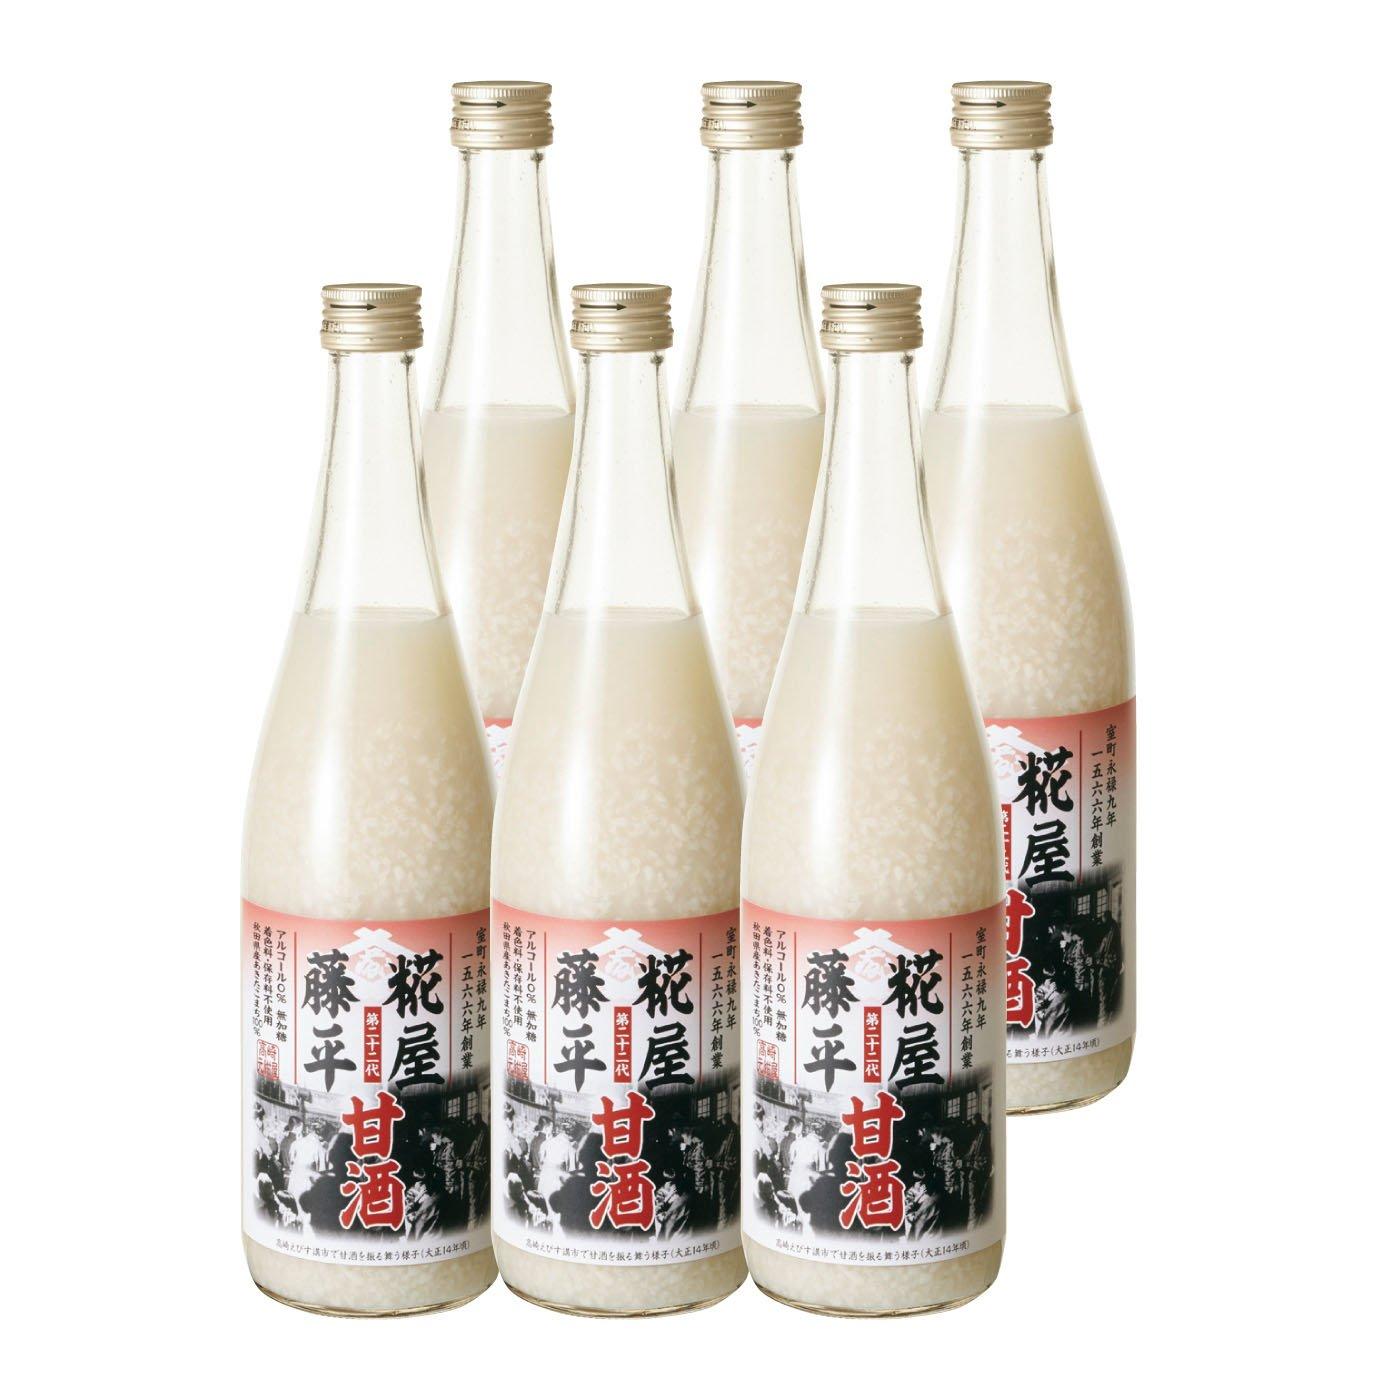 糀屋藤平の甘酒6本入りセット